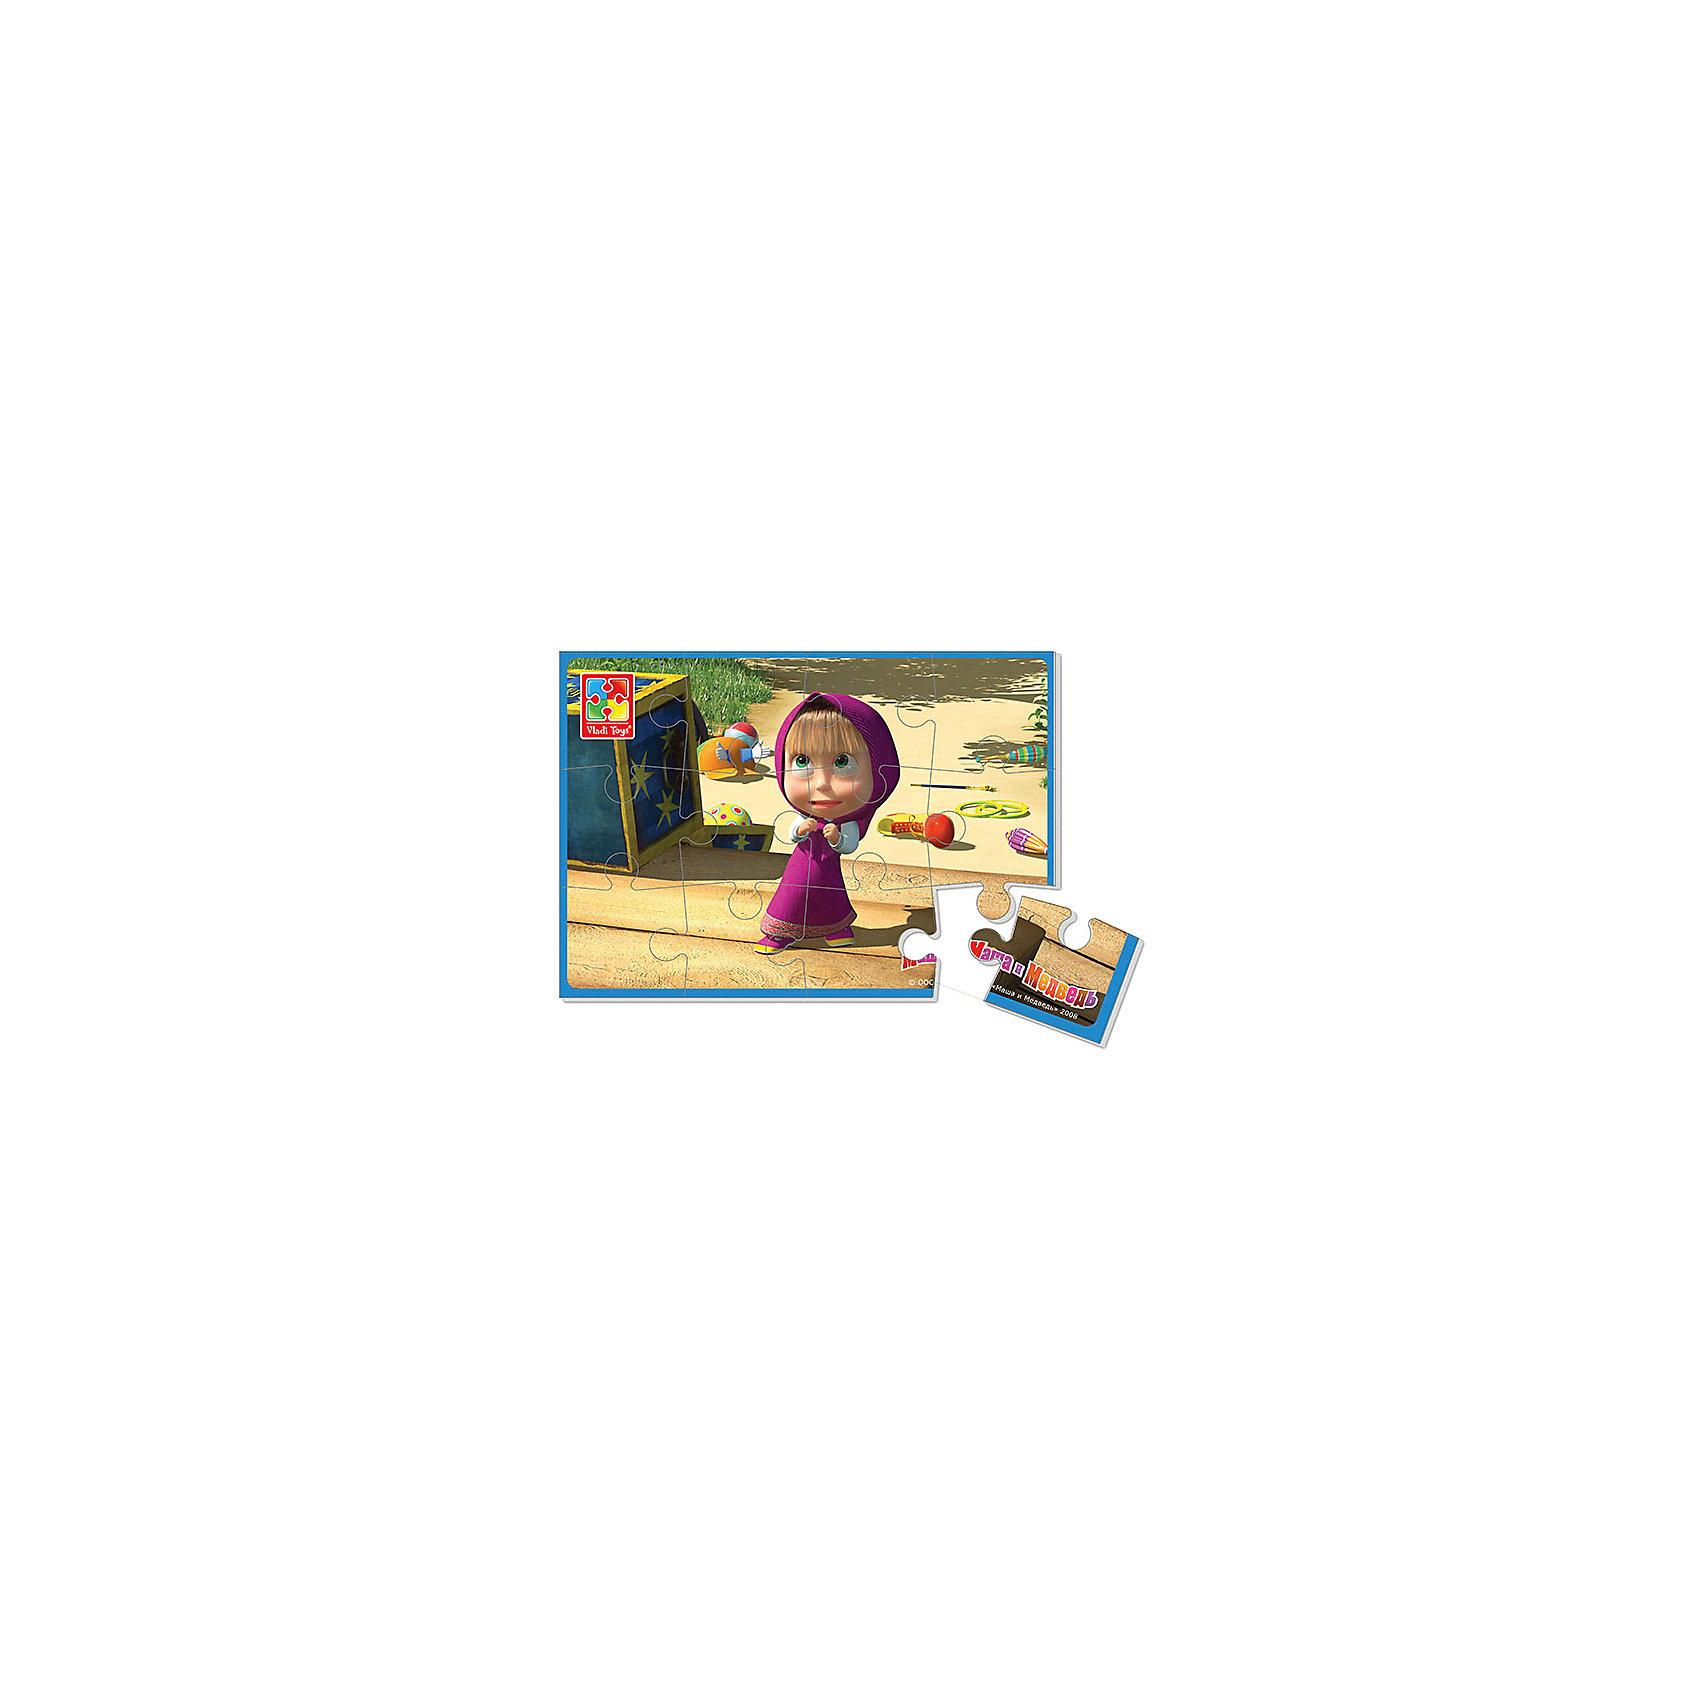 Мягкие пазлы А5 Маша, Маша и Медведь, Vladi ToysХарактеристики:<br><br>• Вид игр: развивающие<br>• Серия: пазлы-картинки<br>• Пол: универсальный<br>• Материал: полимер, картон<br>• Цвет: розовый, желтый, синий, зеленый и др.<br>• Комплектация: 1 пазл из 12-ти элементов<br>• Размеры (Д*Ш*В): 18*4*28,5 см<br>• Тип упаковки: картонная коробка<br>• Вес: 20 г<br><br>Мягкие пазлы А5 Маша, Маша и Медведь, производителем которых является компания, специализирующаяся на выпуске развивающих игр, давно уже стали популярными среди аналогичной продукции. Мягкие пазлы – идеальное решение для развивающих занятий с самыми маленькими детьми, так как они разделены на большие элементы с крупными изображениями, чаще всего в качестве картинок используются герои популярных мультсериалов. Самое важное в пазле для малышей – это минимум деталей и безопасность элементов. Все используемые в производстве материалы являются экологически безопасными, не вызывают аллергии, не имеют запаха. Пазл Маша, Маша и Медведь представляет собой сюжетную картинку размером А5, которая состоит из 12-и крупных элементов с изображением сюжета из мультфильма Маша и медведь. <br>Занятия с мягкими пазлами от Vladi Toys способствуют развитию не только мелкой моторики, но и внимательности, усидчивости, терпению при достижении цели. Кроме того, по собранной картинке можно составлять рассказ, что позволит развивать речевые навыки, память и воображение.<br><br>Мягкие пазлы А5 Маша, Маша и Медведь можно купить в нашем интернет-магазине.<br><br>Ширина мм: 180<br>Глубина мм: 4<br>Высота мм: 285<br>Вес г: 20<br>Возраст от месяцев: 24<br>Возраст до месяцев: 60<br>Пол: Унисекс<br>Возраст: Детский<br>SKU: 5136074